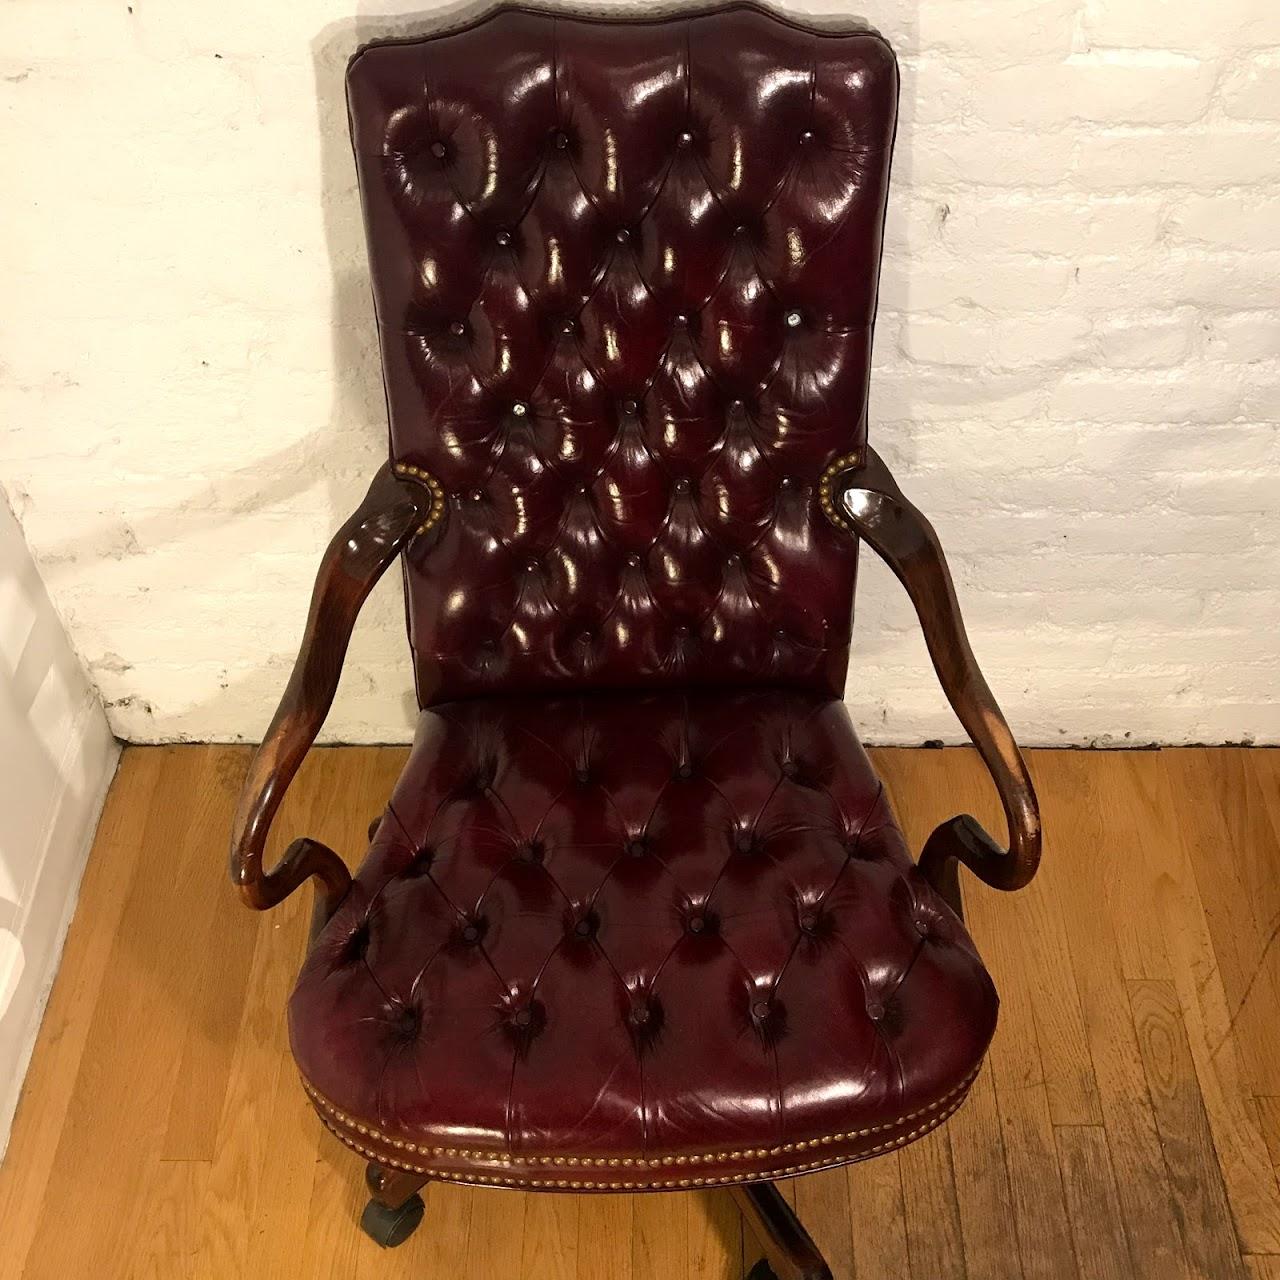 Magnificent Schafer Bros Desk Chair Shophousingworks Machost Co Dining Chair Design Ideas Machostcouk